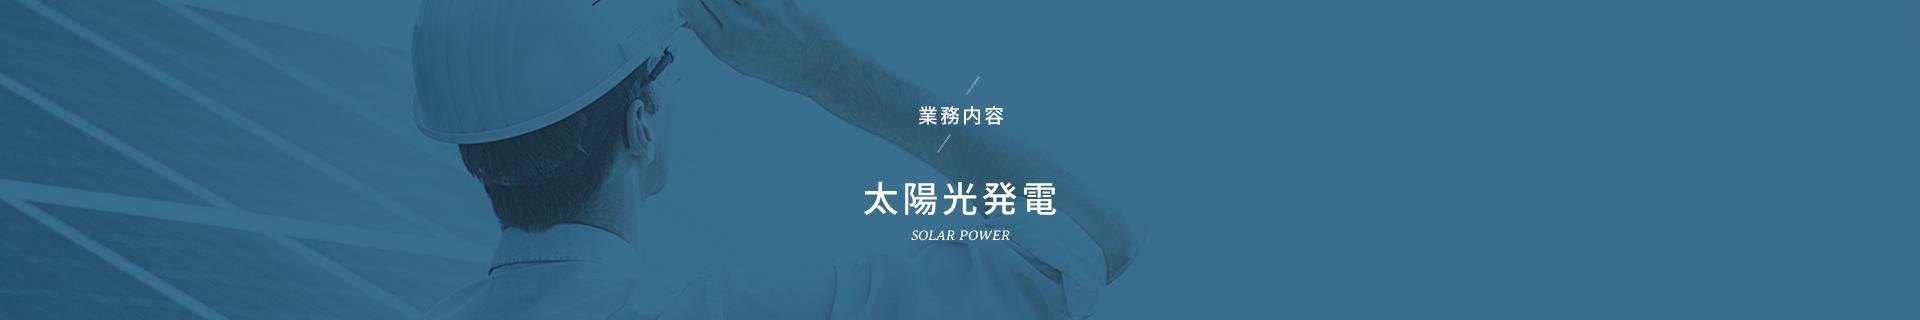 業務内容 太陽光発電